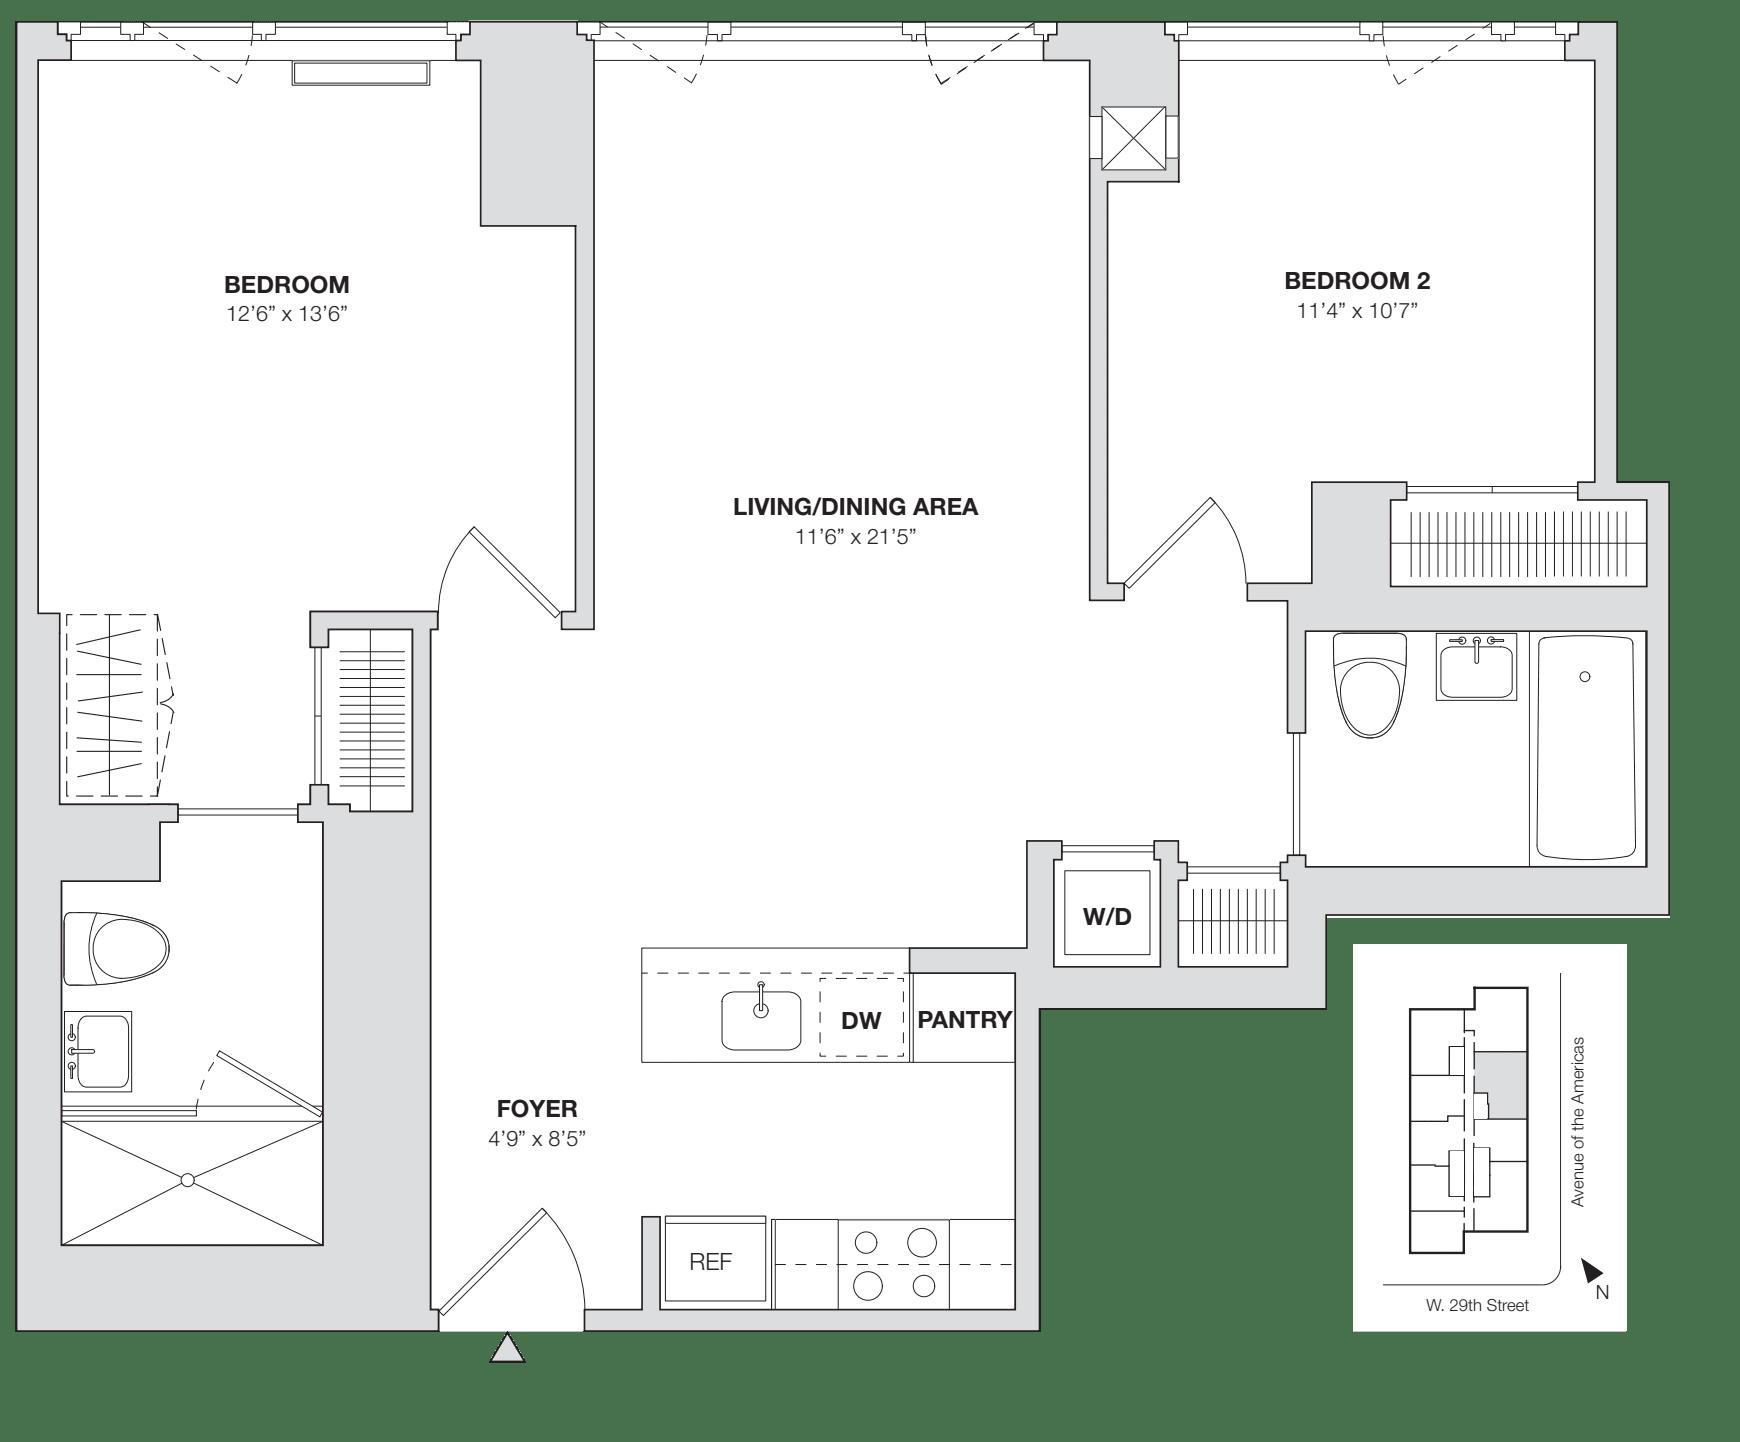 2 Bedroom E